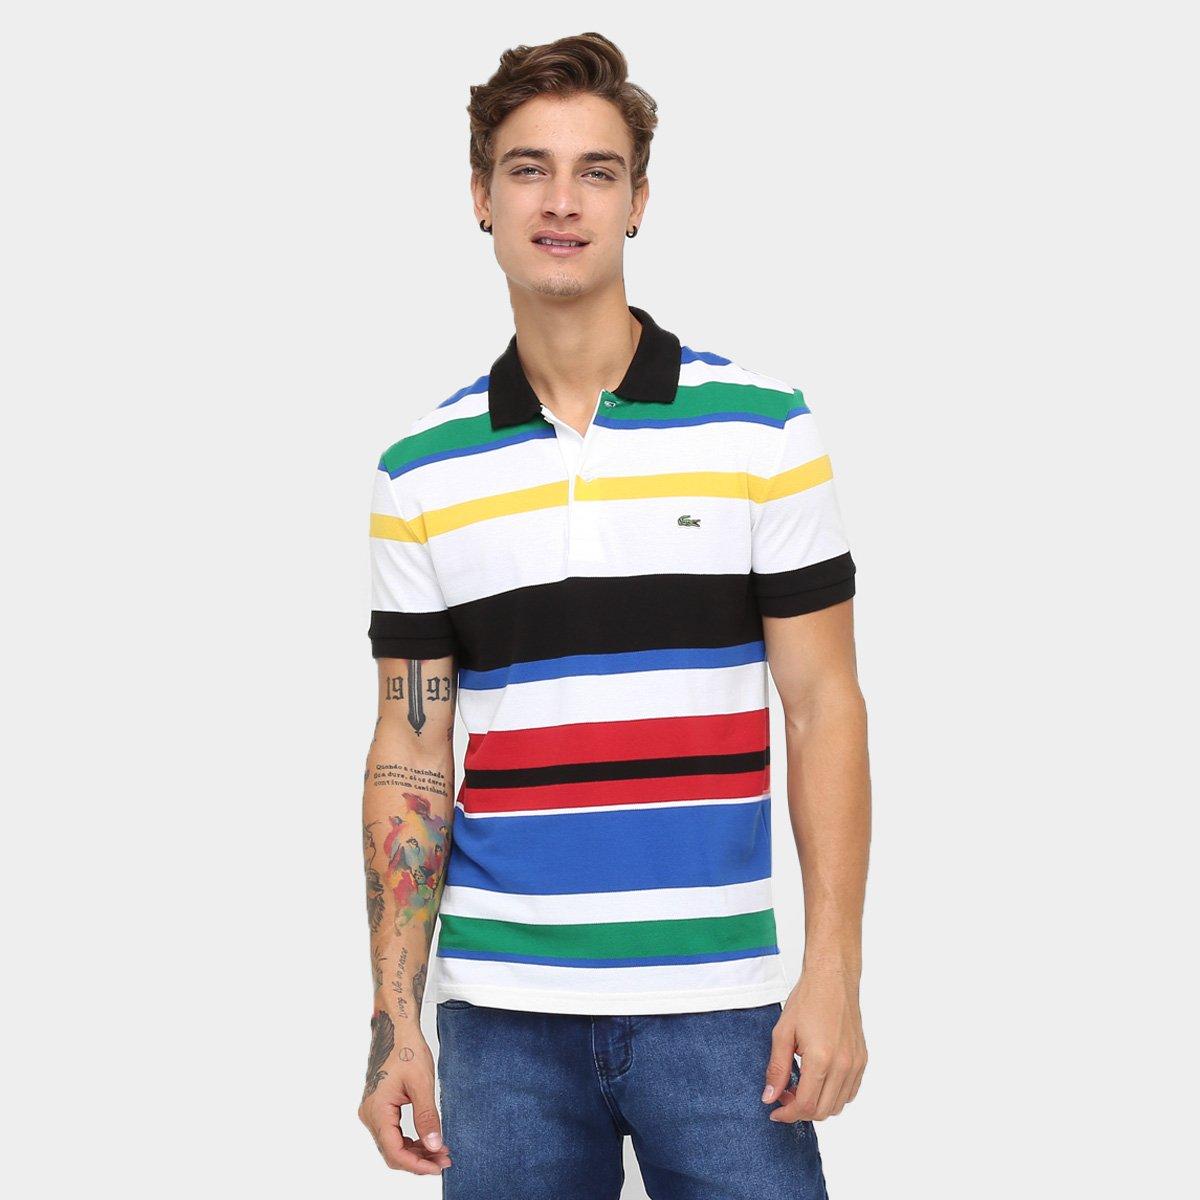 7b3ff8655a6 Camisa Polo Lacoste Piquet Listrada Slim Fit - Compre Agora